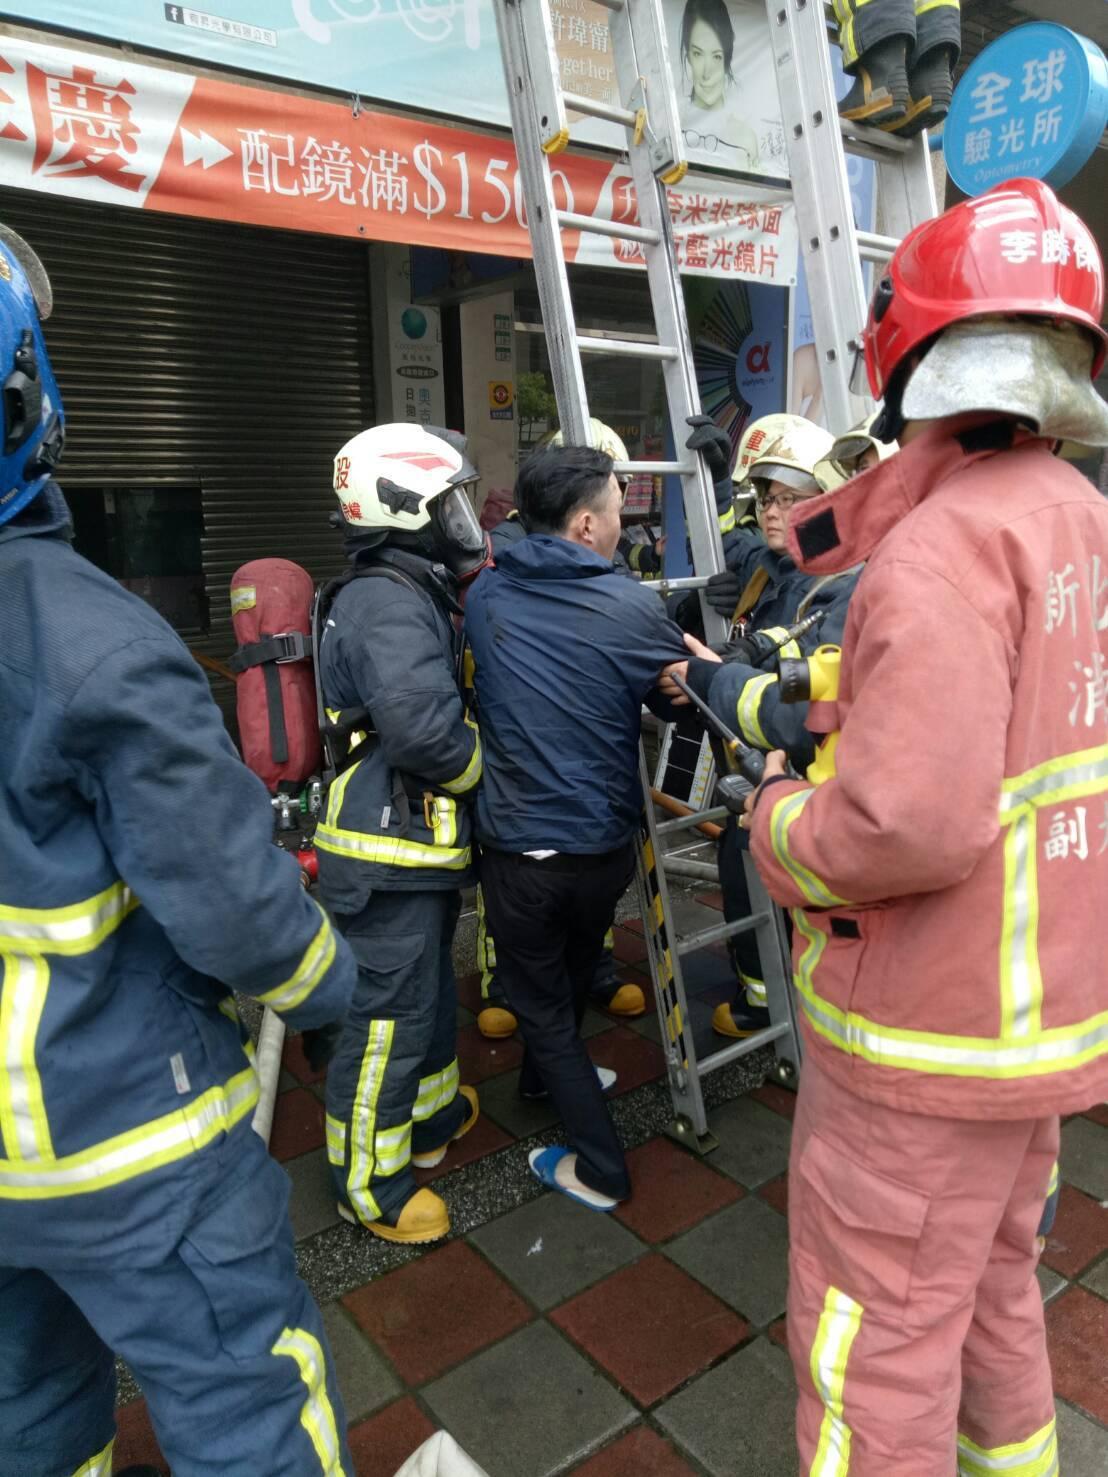 消防隊員割開外牆廣告布幔救援受困住戶。記者林昭彰/翻攝